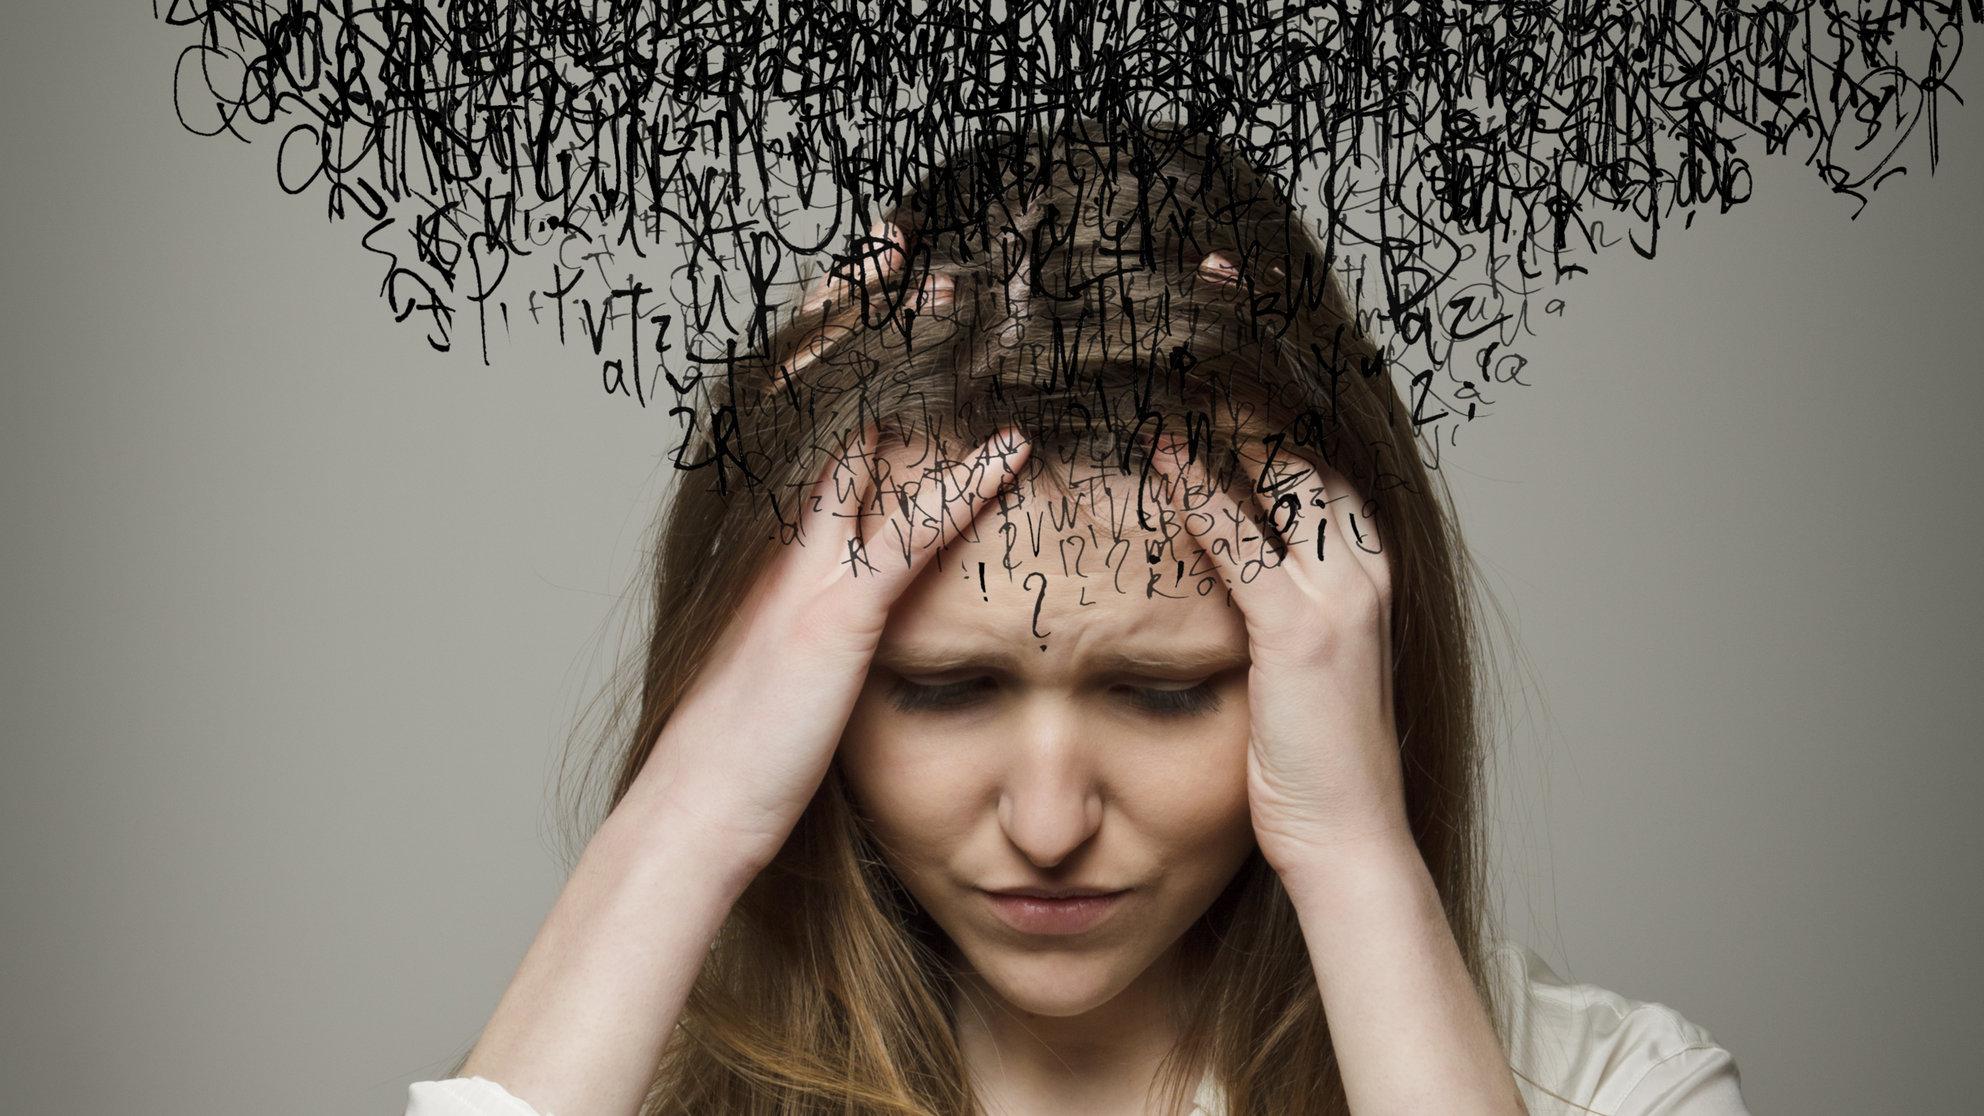 Психотическая депрессия: причины, симптомы и лечение